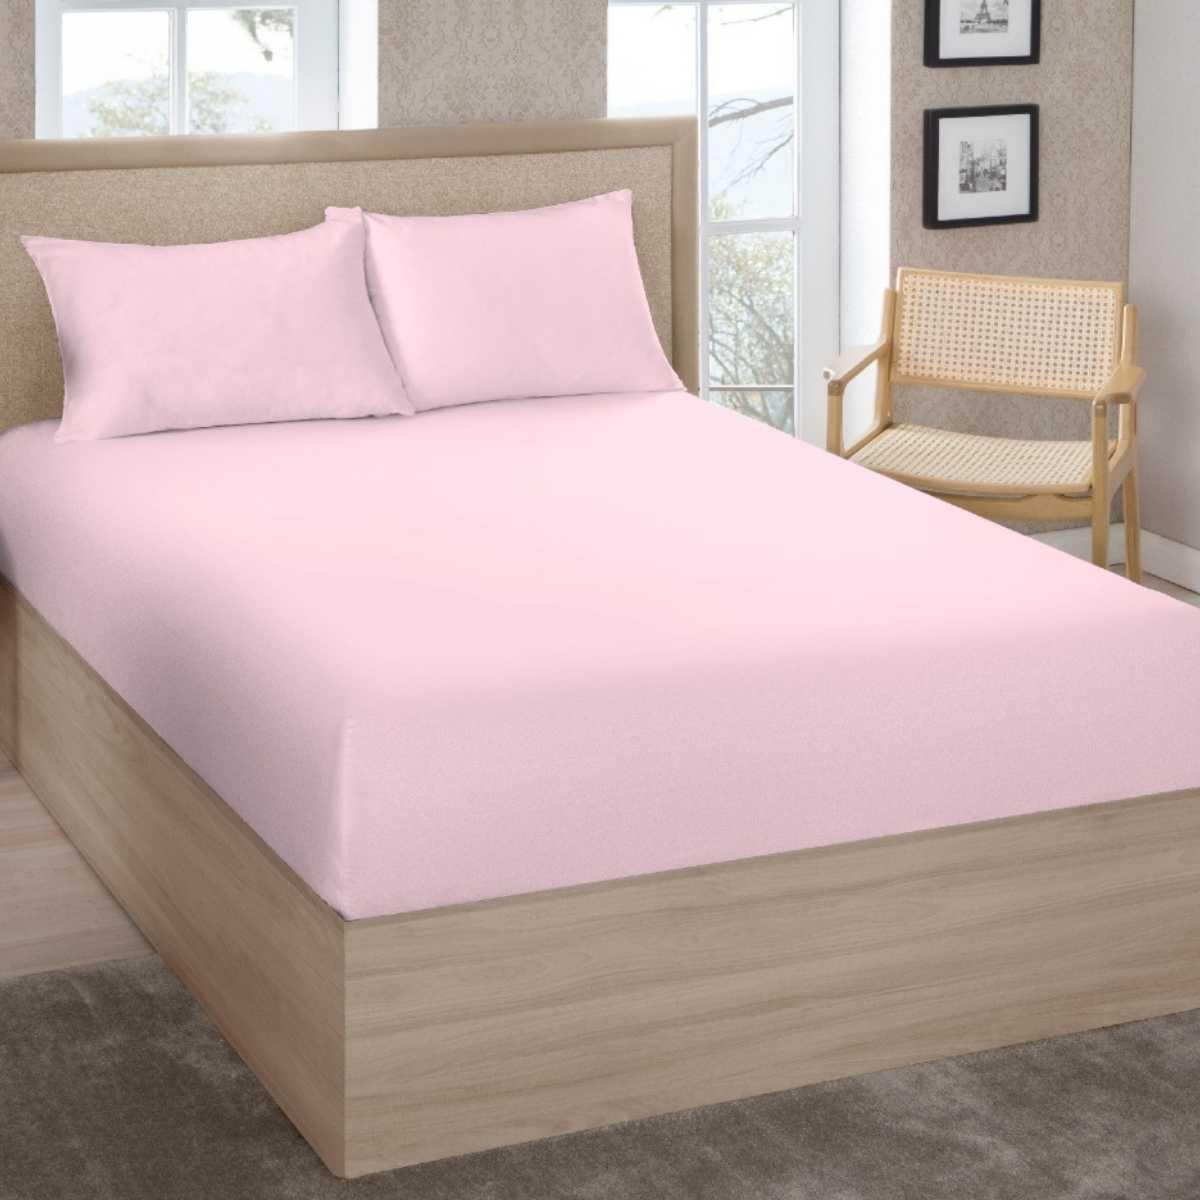 Lençol Premium Solteiro 200 Fios 100% Algodão C/Elástico Rosê